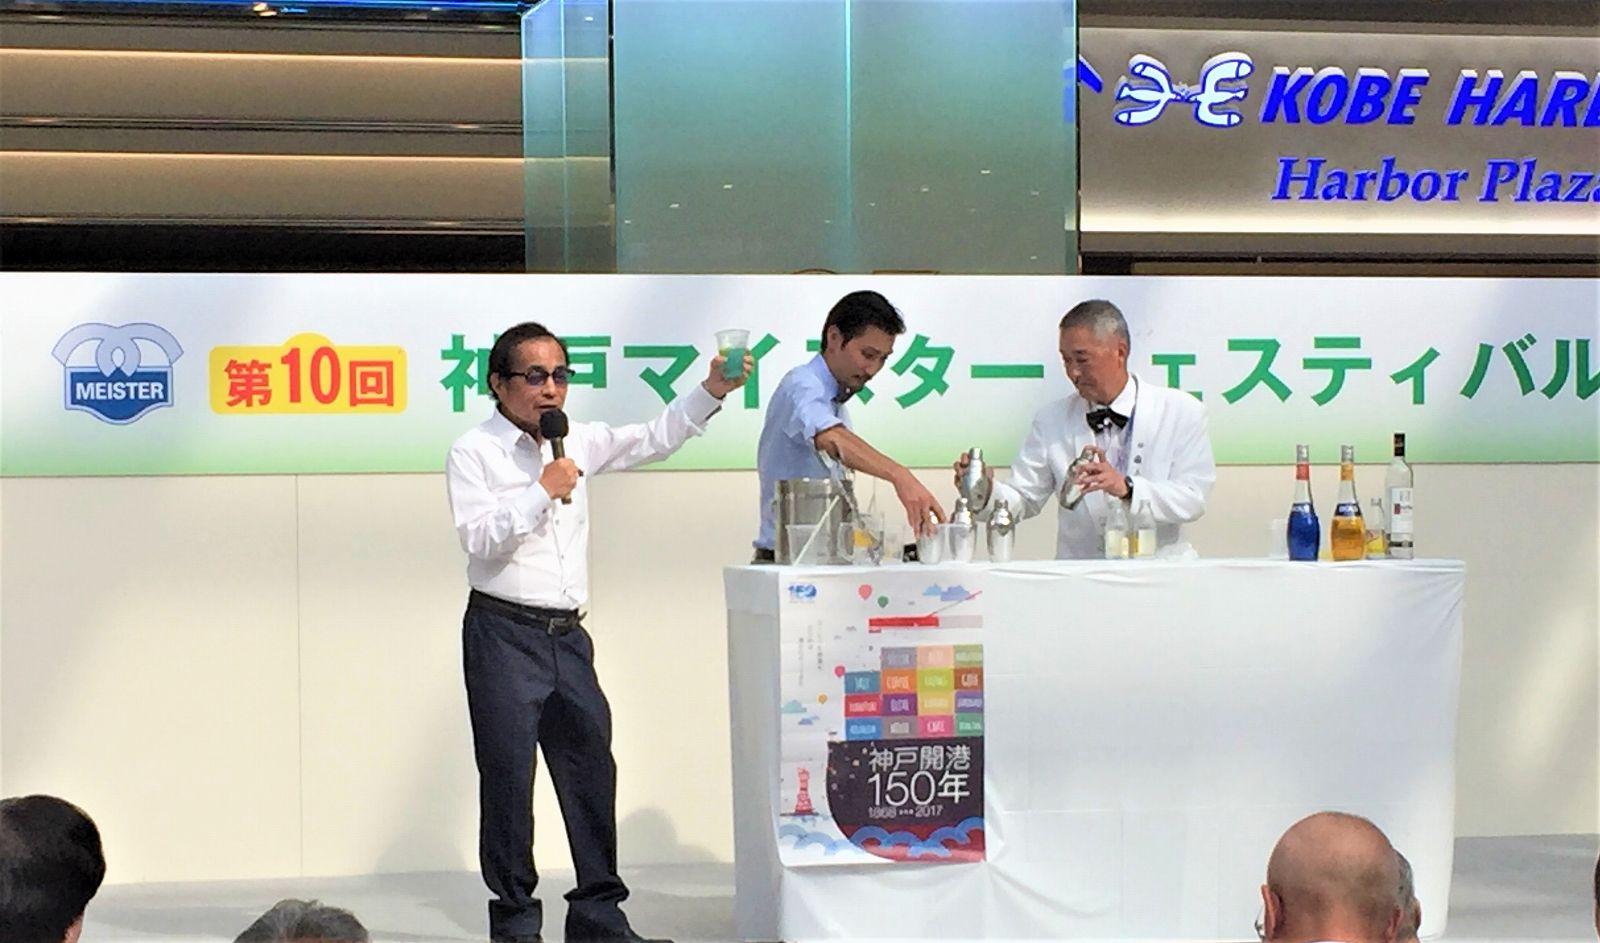 「第11回 神戸マイスターフェスティバル」が10/14(日)にデュオこうべで開催されるよ! #神戸マイスターフェスティバル #神戸マイスター #ハーバーランド